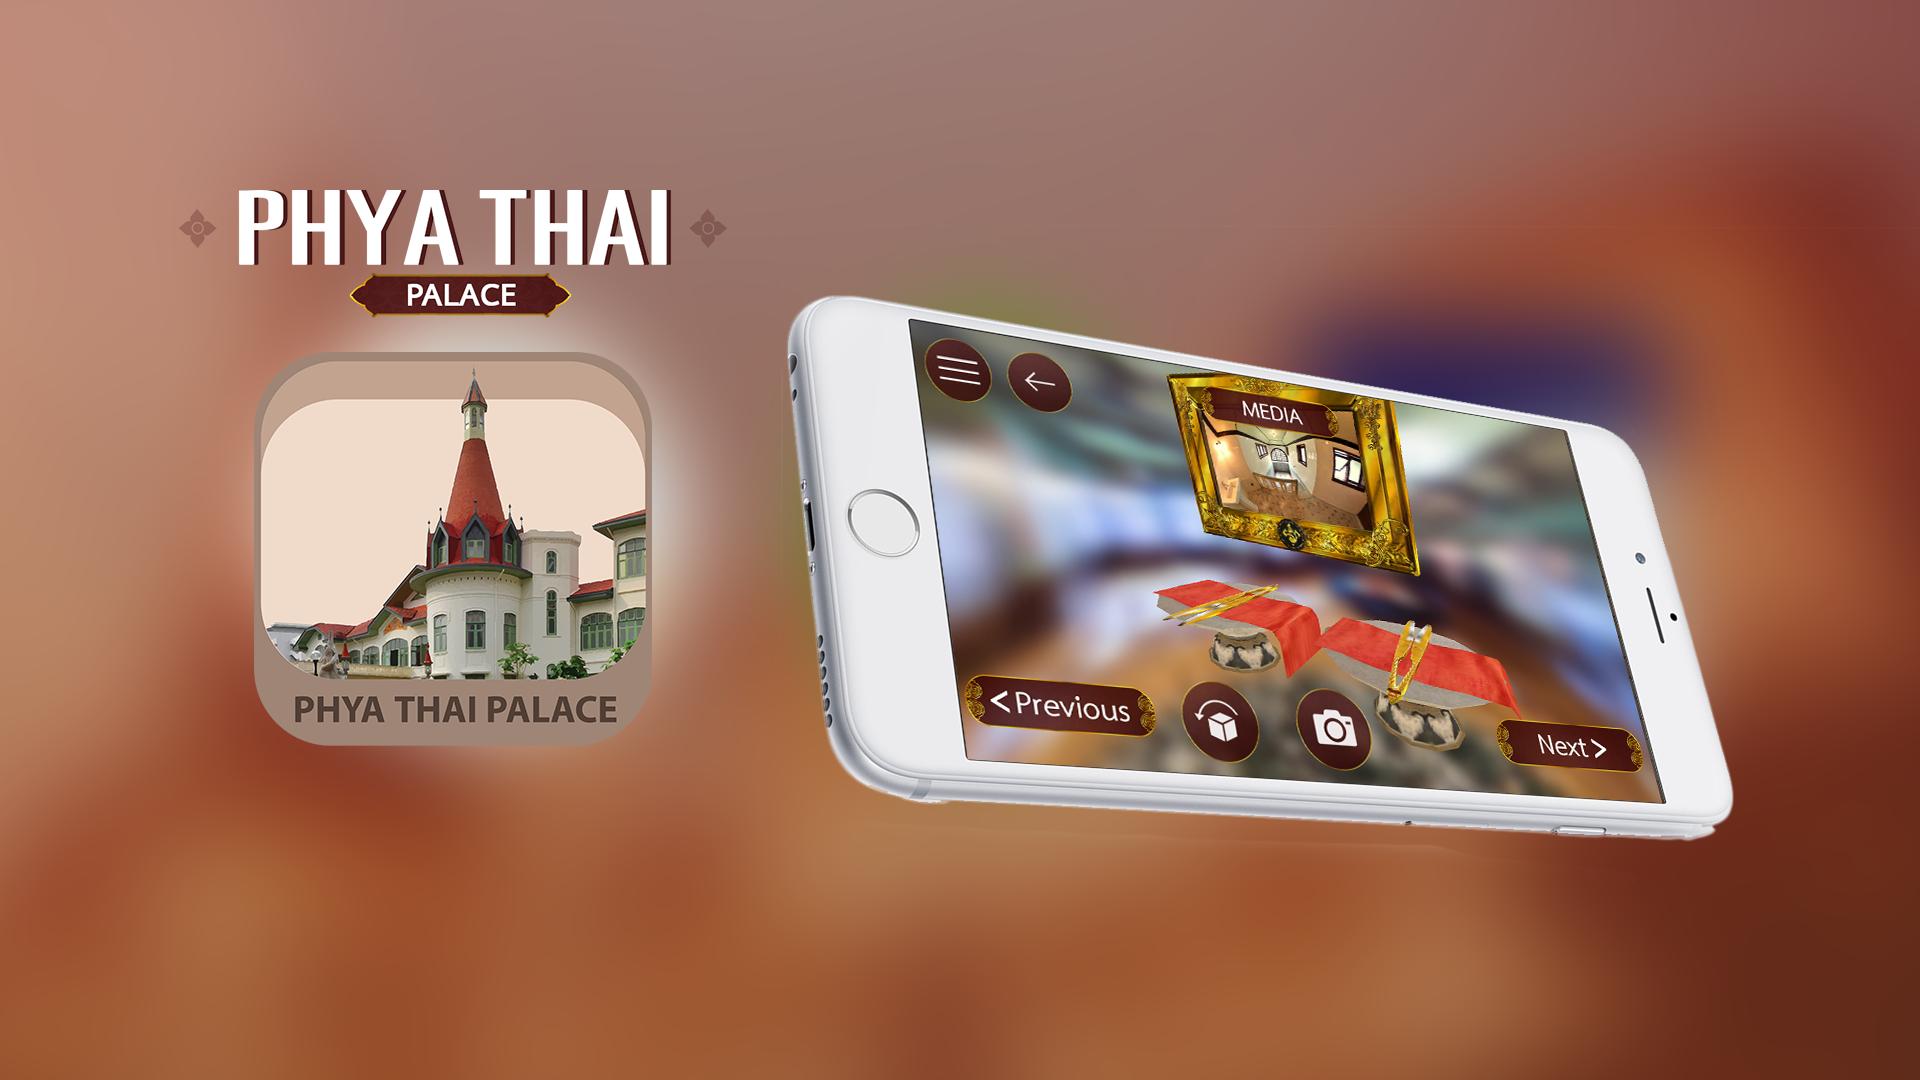 AR_CODE_PHYA_THAI_PALACE